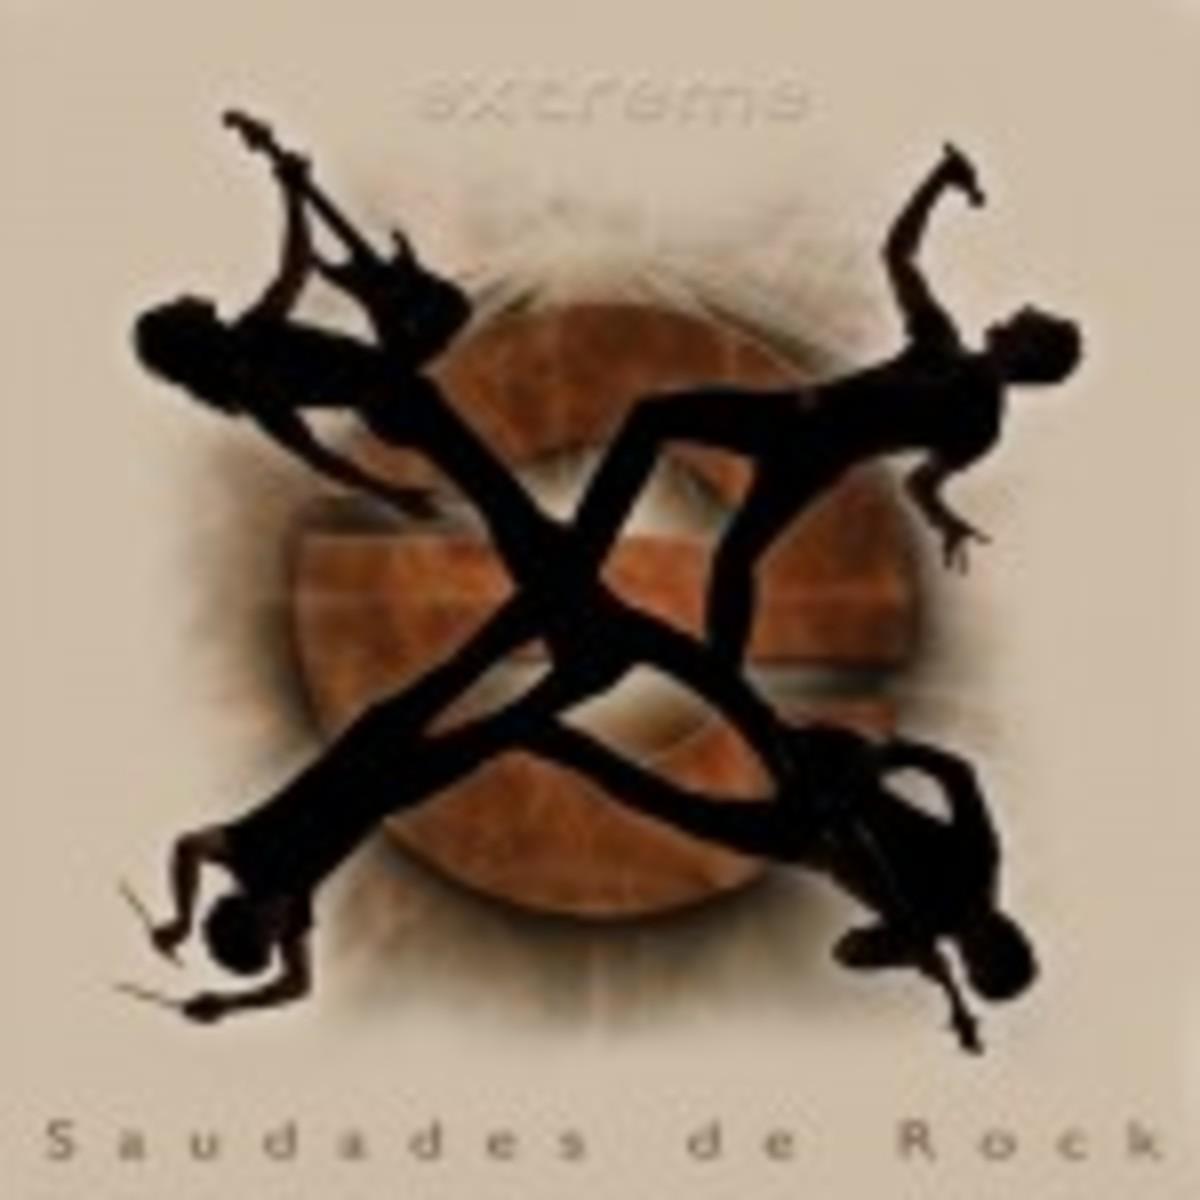 Extreme's newest album is Saudades de Rock.